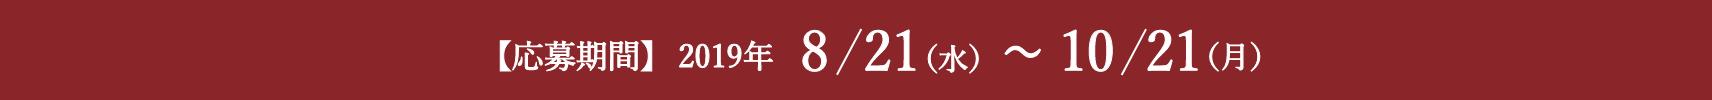 【応募期間】2019年 8/21(⽔)〜 10/21(⽉)